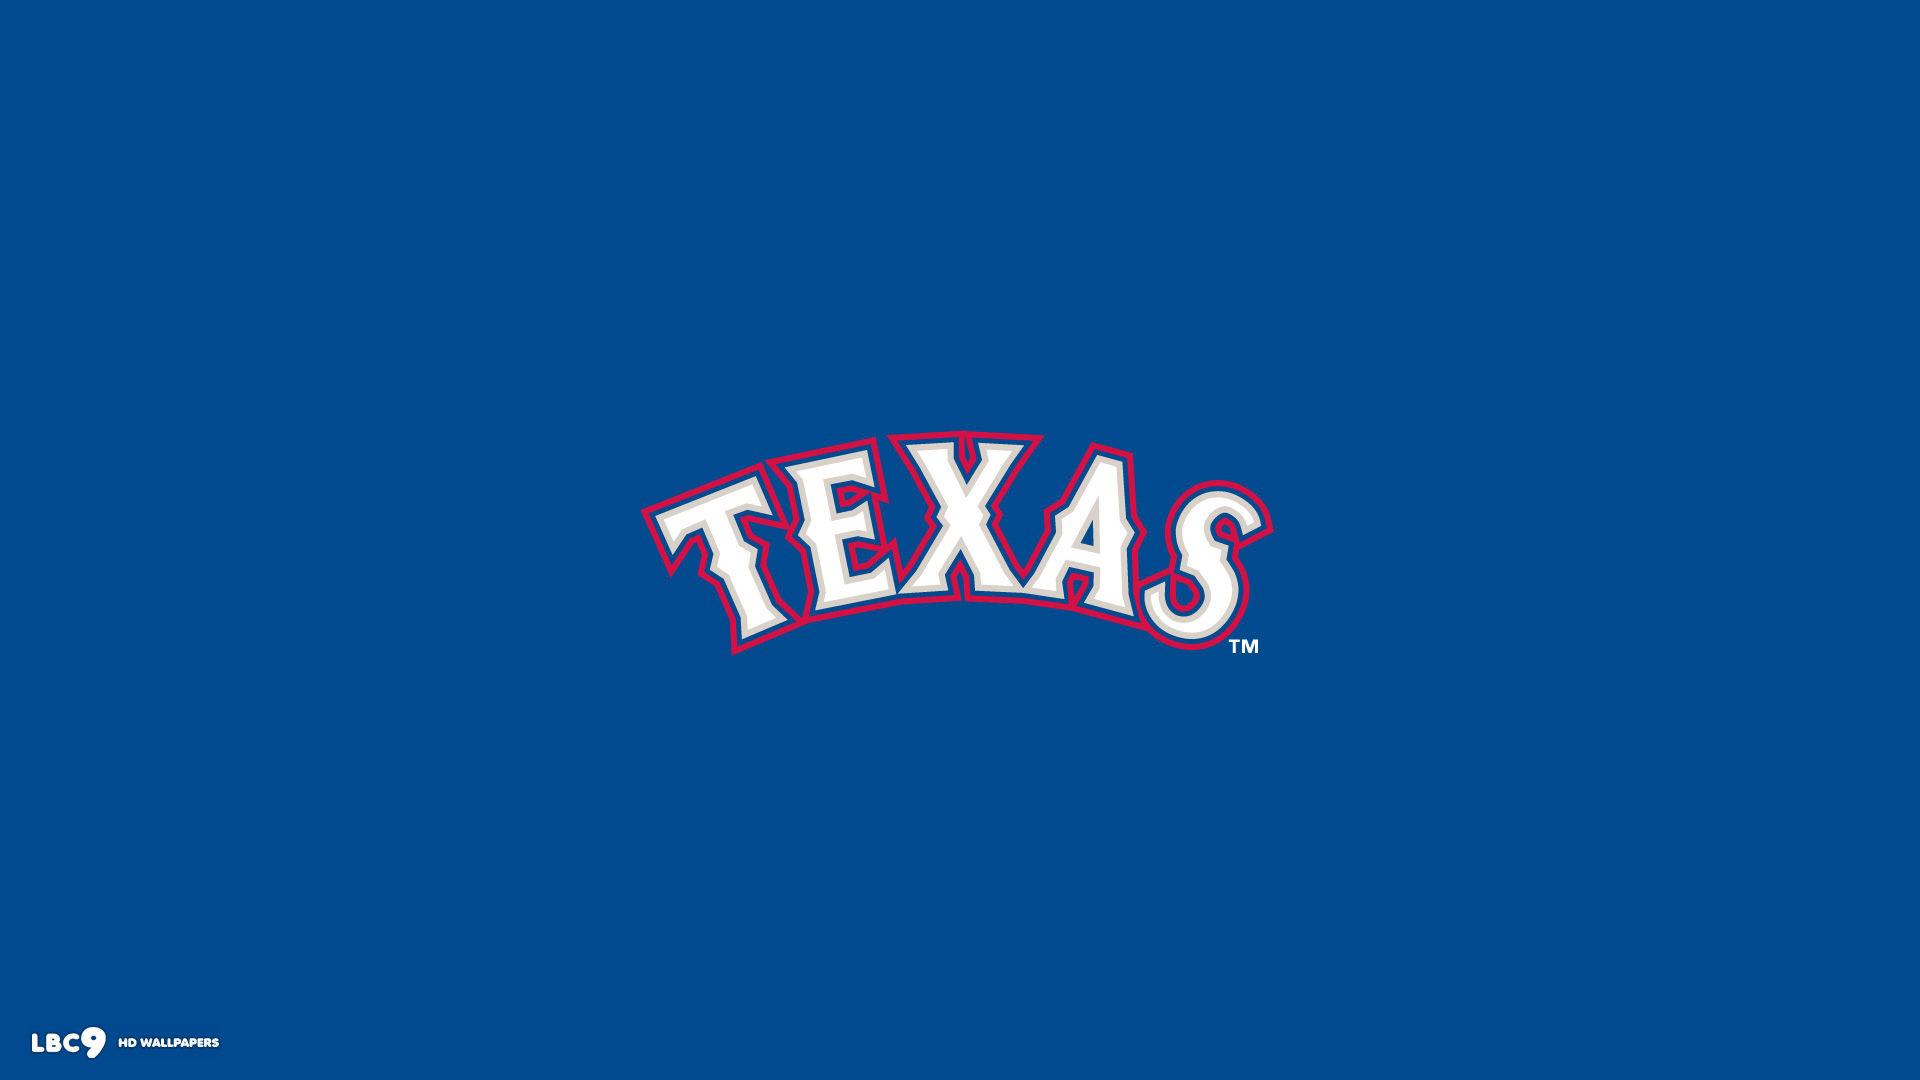 Texas Rangers Desktop Wallpaper   HD Wallpapers   Pinterest   Wallpaper